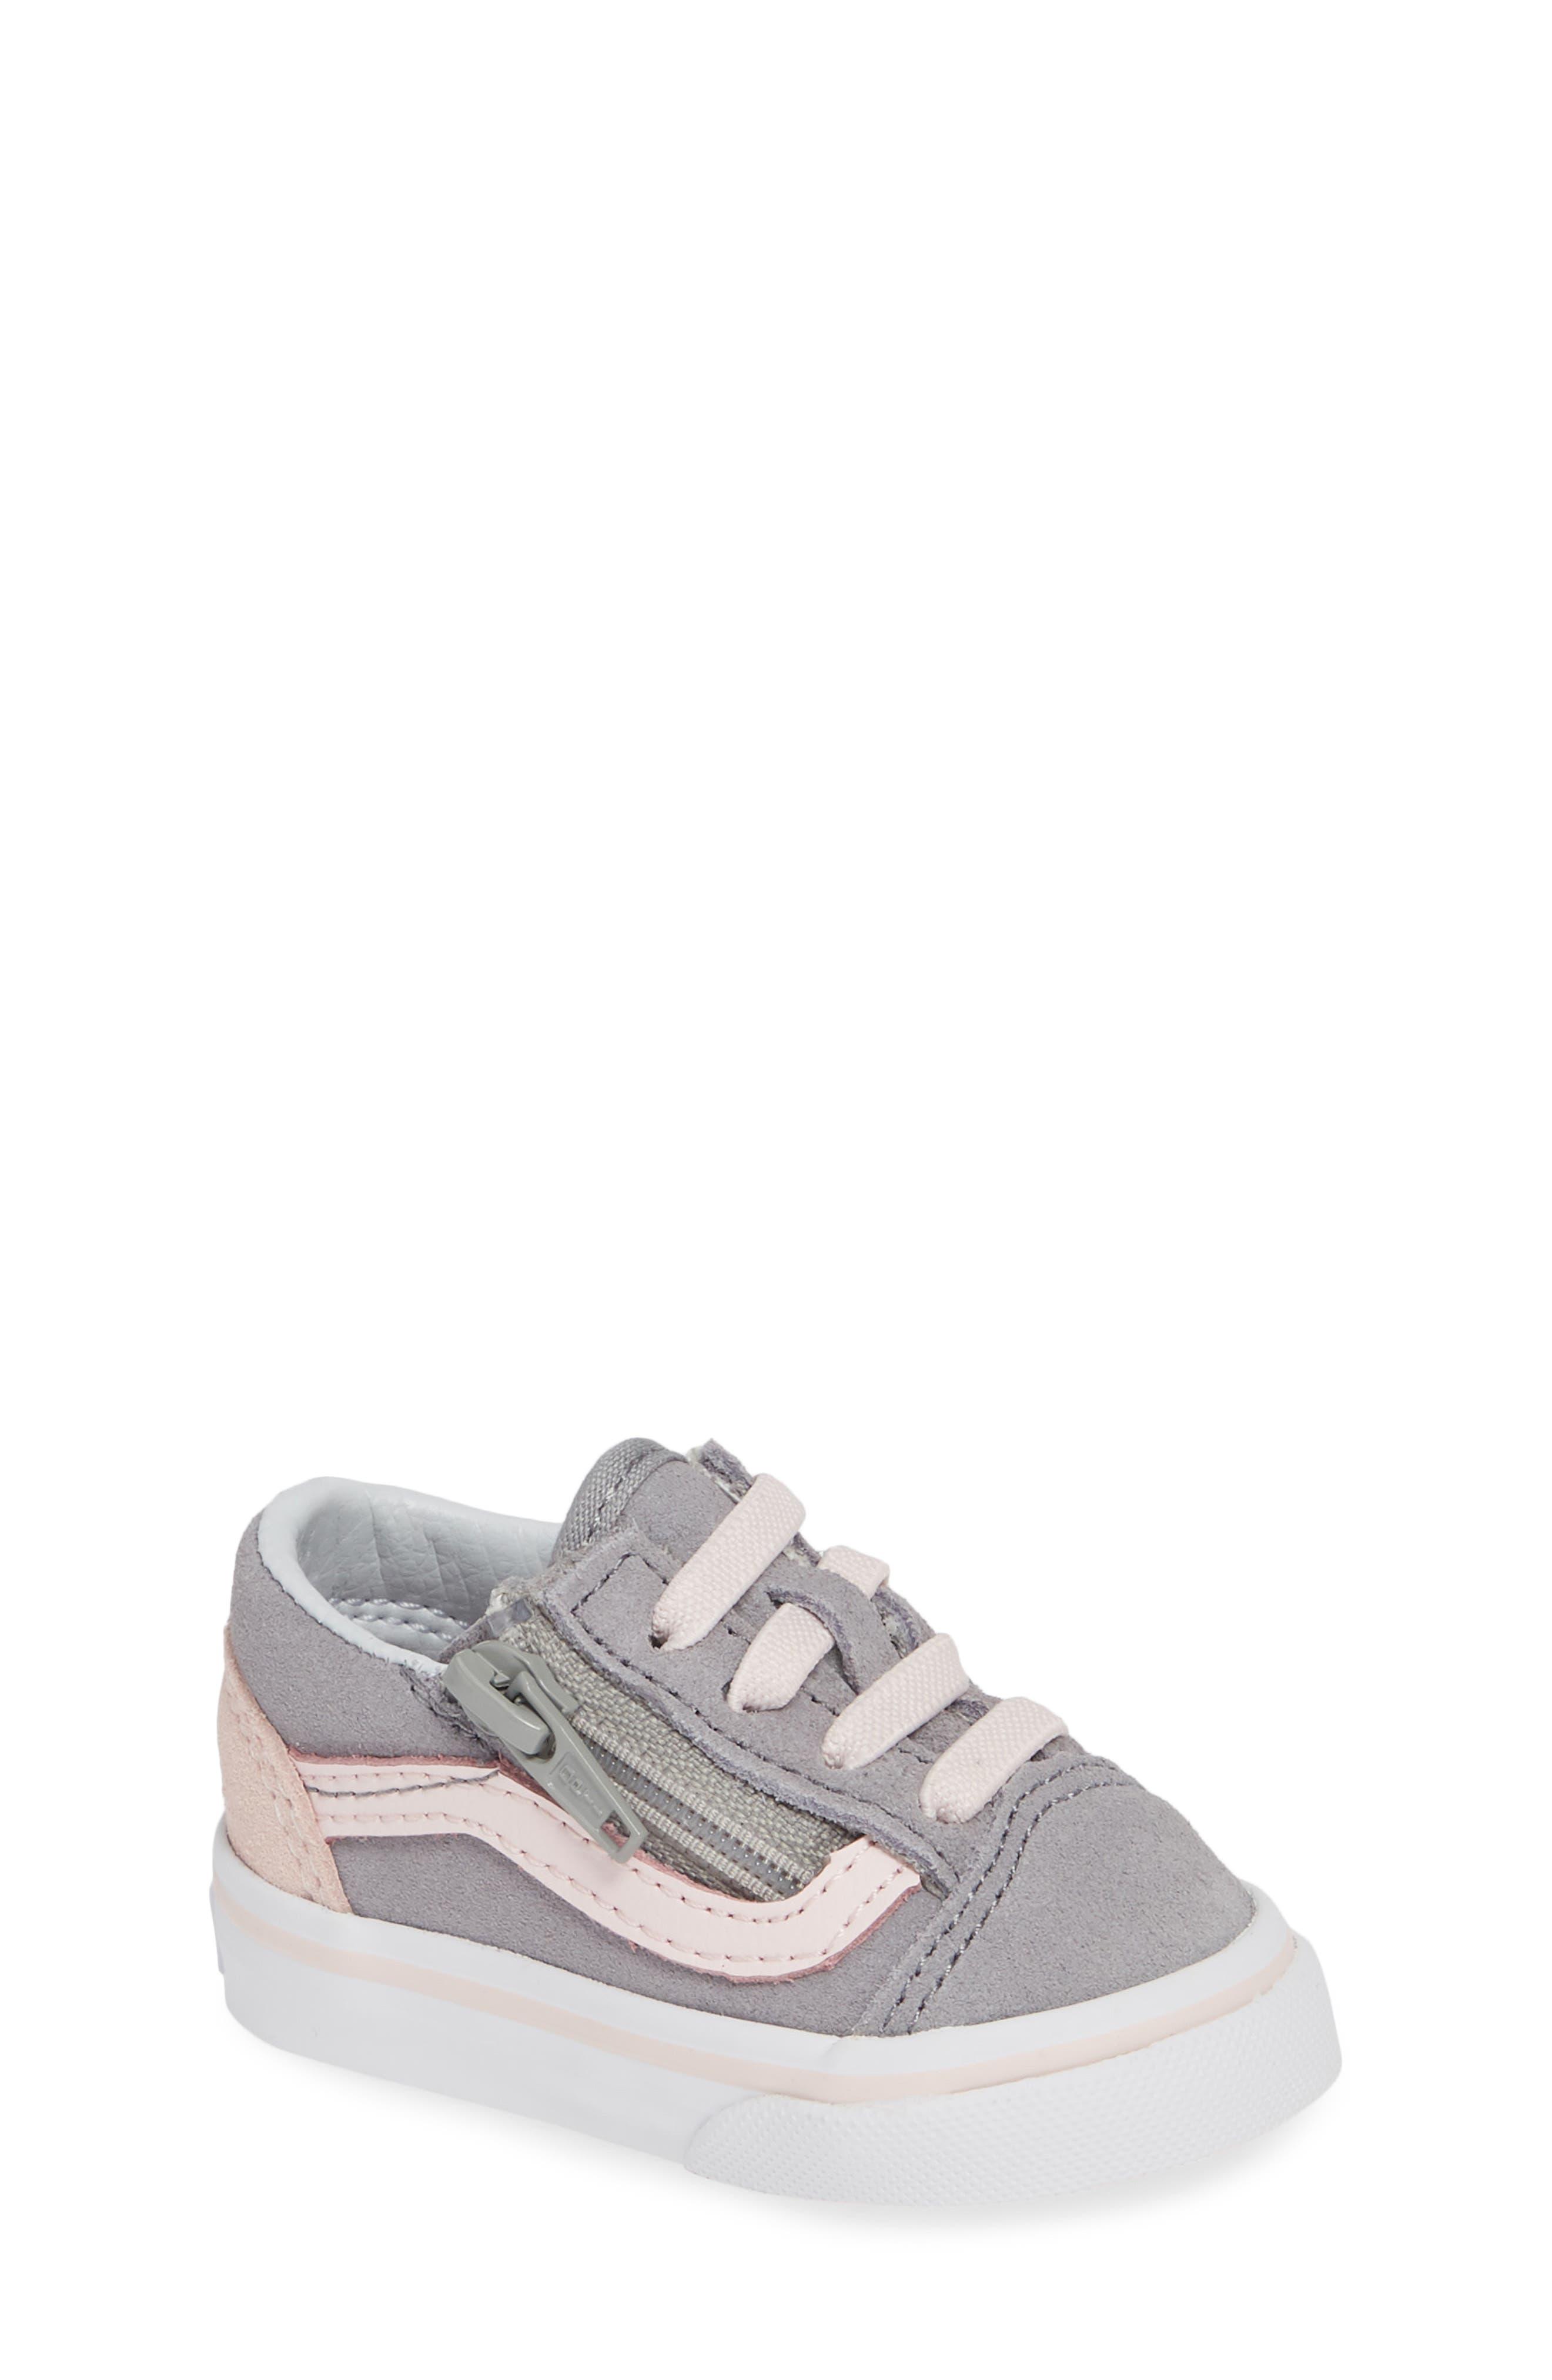 Old Skool Zip Sneaker,                         Main,                         color, SUEDE ALLOY/ PINK/ TRUE WHITE